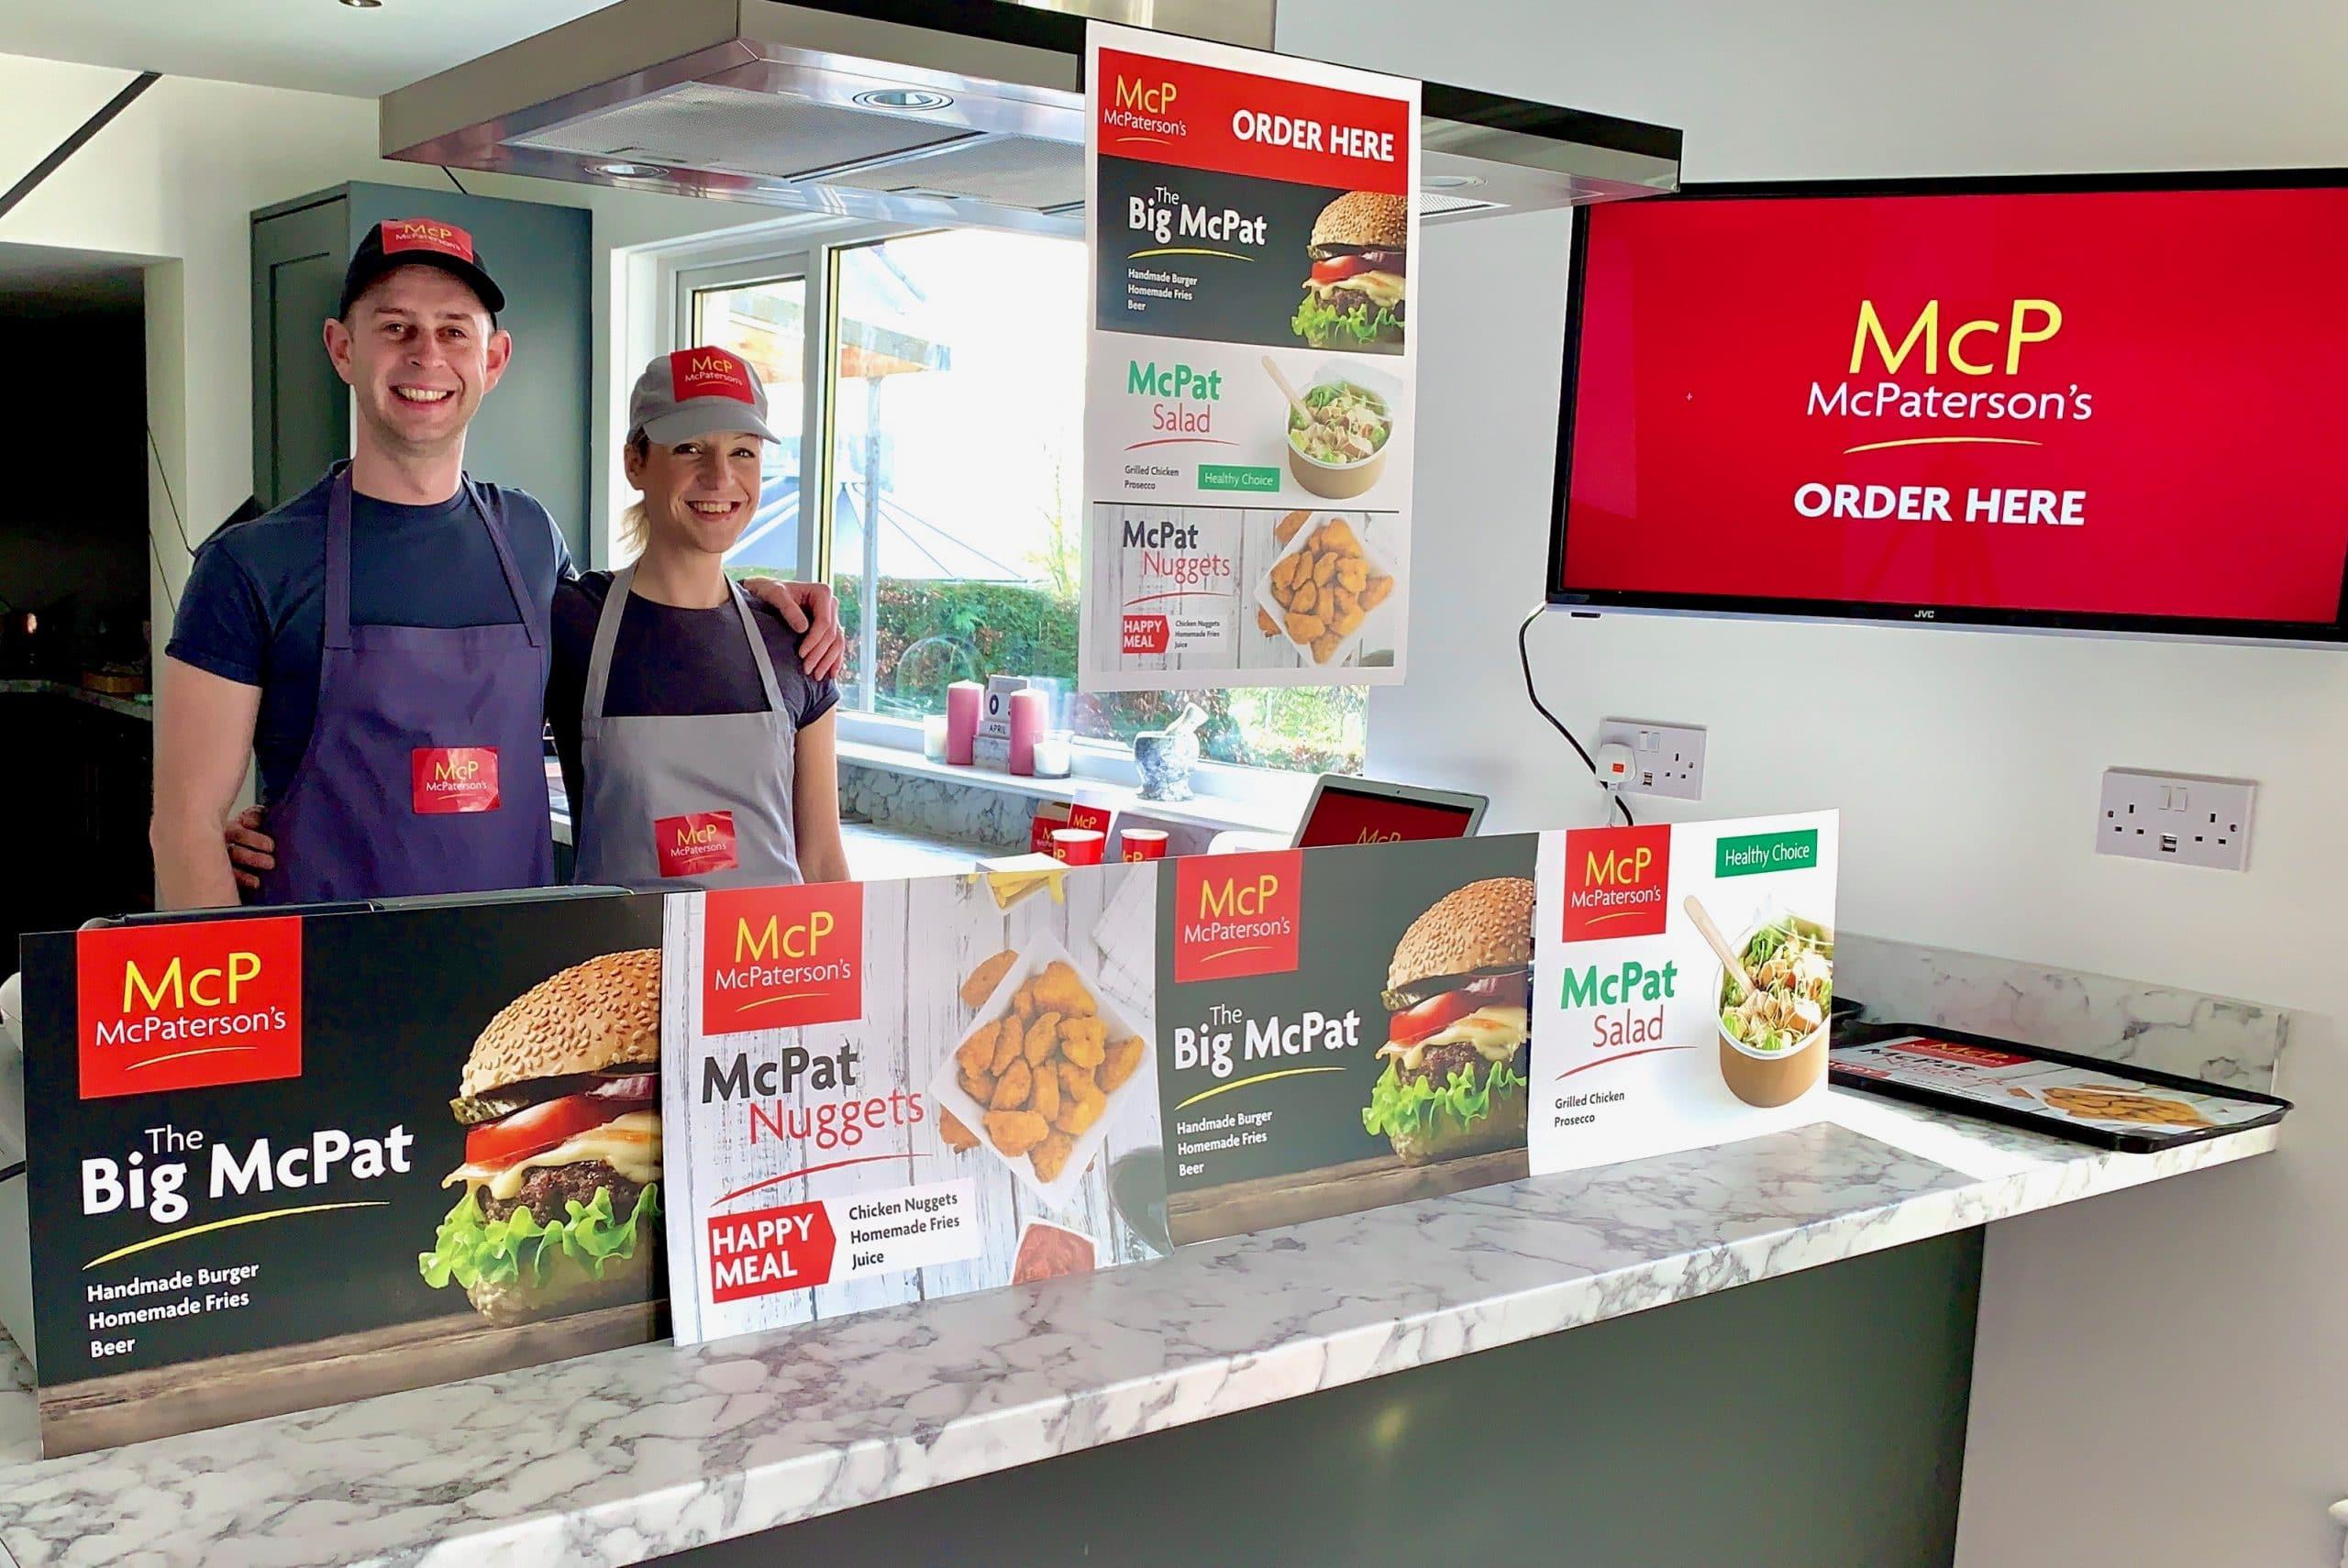 In-house McDonalds restaurant